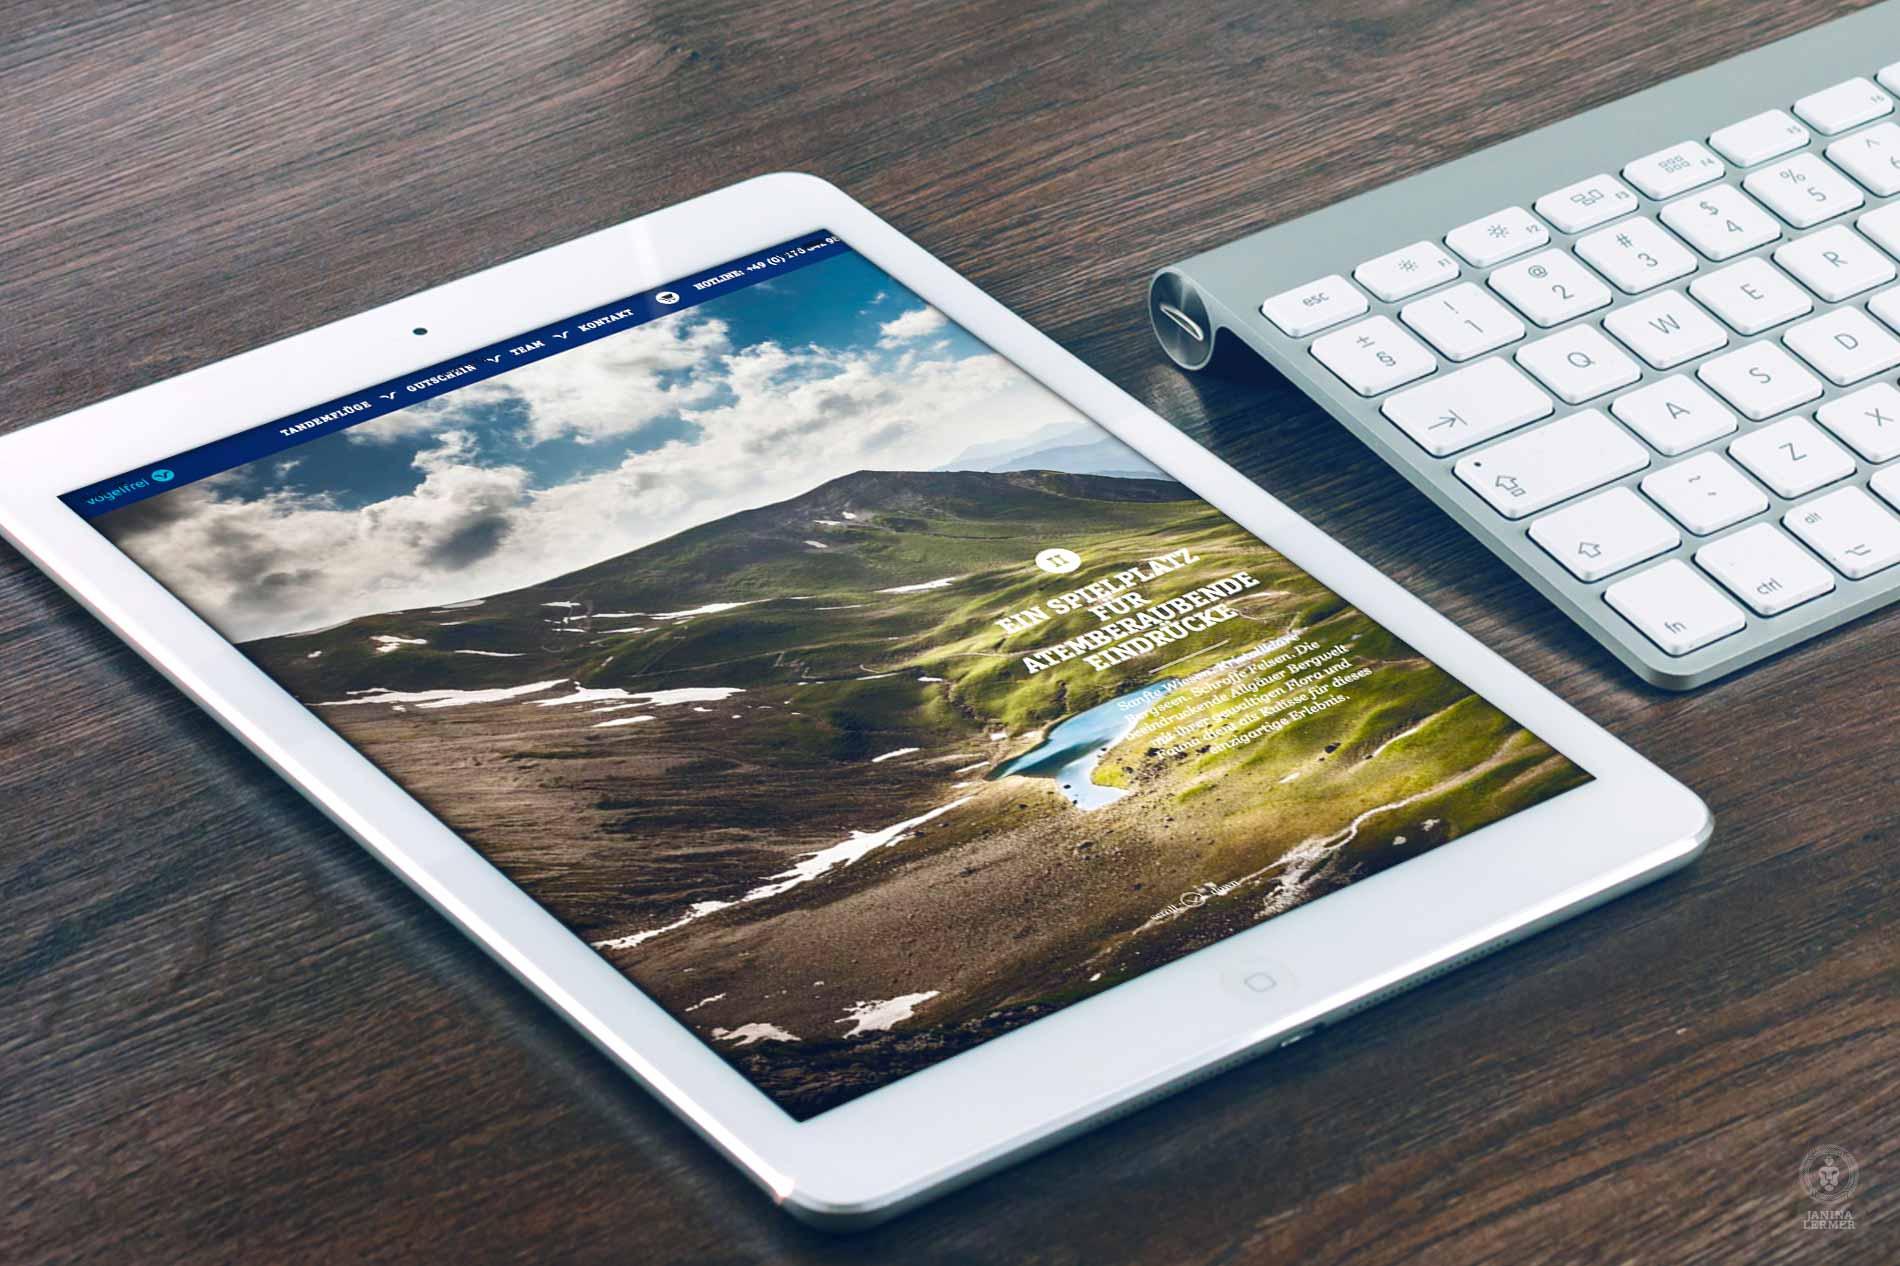 Janina-Lermer-Webseitenkonzept-Webseitengestaltung-Webdesign-Vogelfrei-Tablet_Hom2